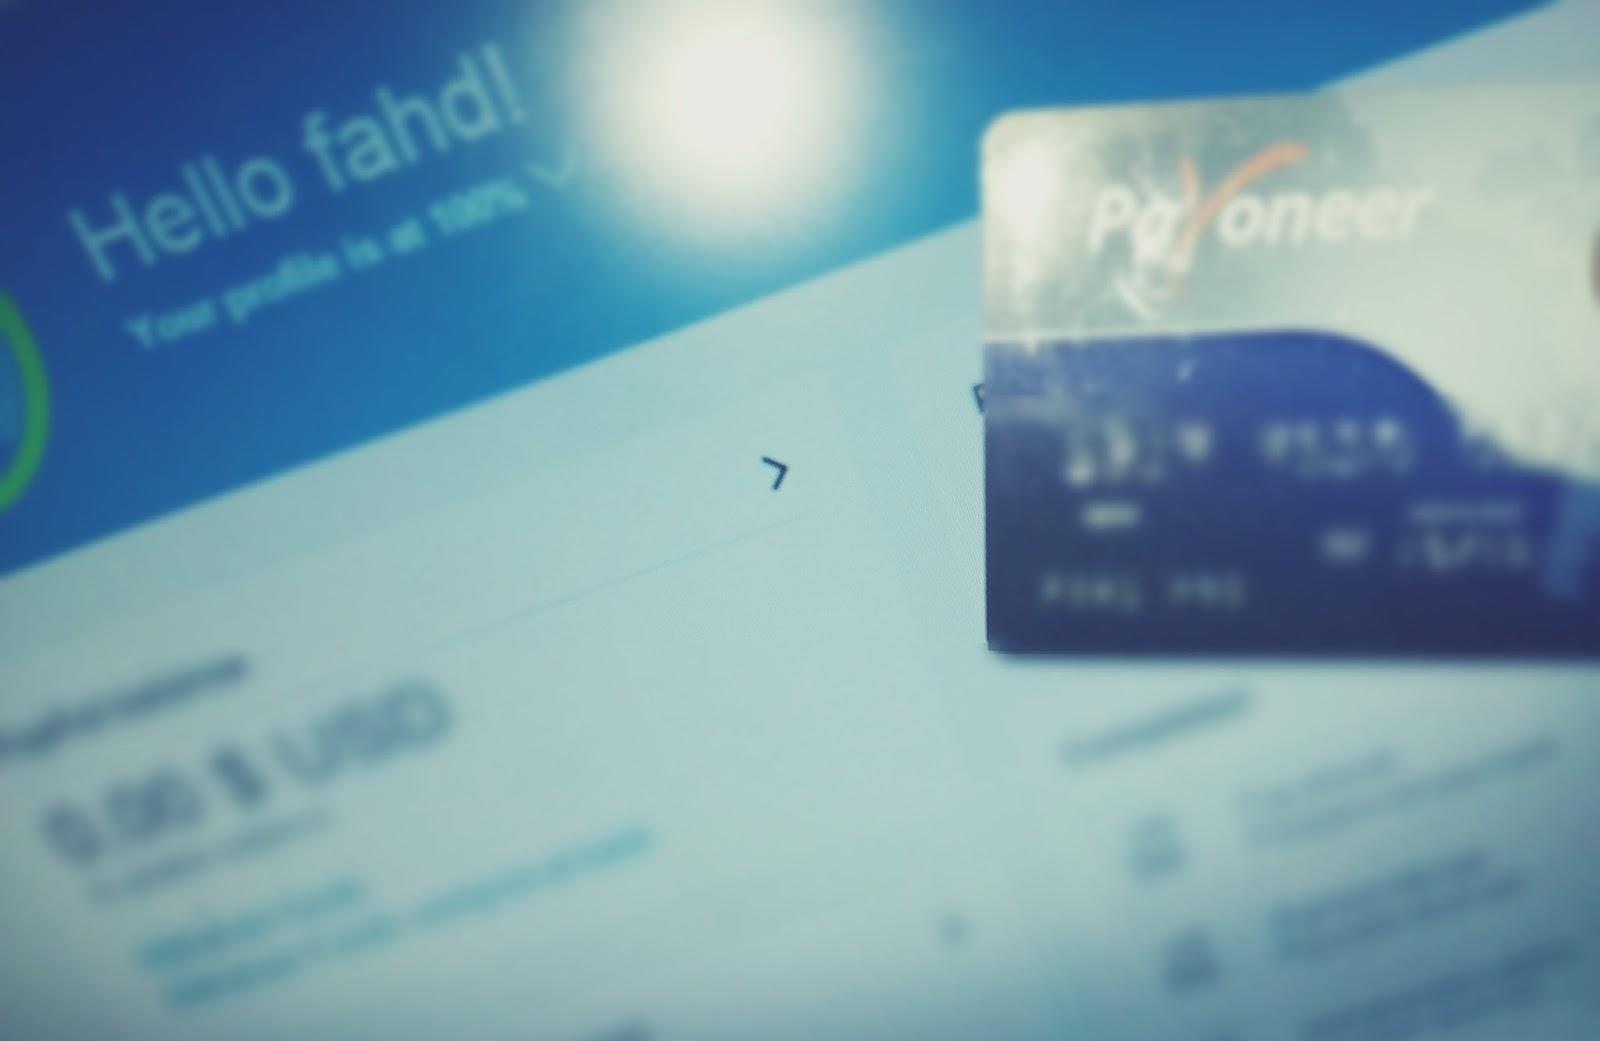 723619046 الإرسال والإستقبال على حسابك في البايبال بشكل عادي جدا . - شحن بطاقة بايونر  الخاصة بك وإستعمالها في شتى المواقع العالمية للشراء والدفع لبعض الخدمات .